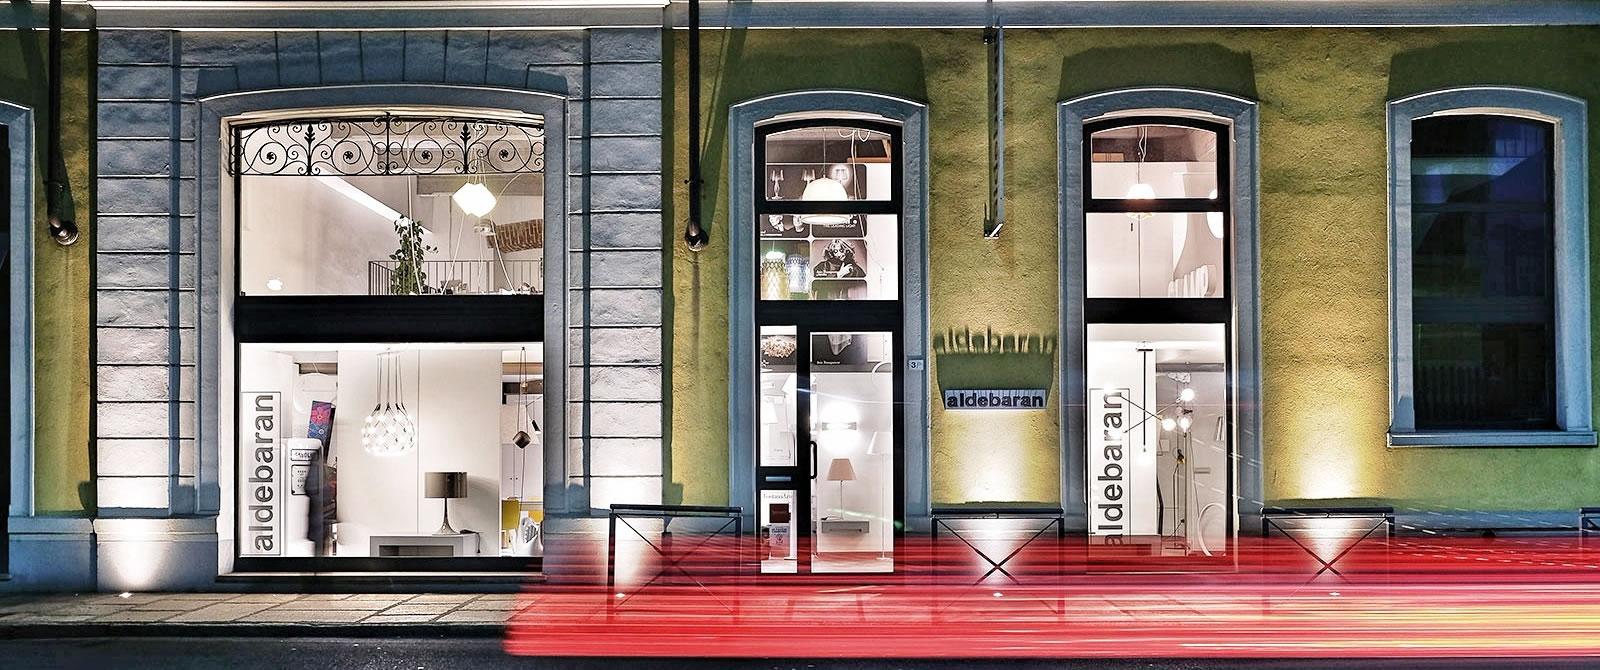 aldebaran Via Tripoli 3/b - Biella - Facciata dello showroom